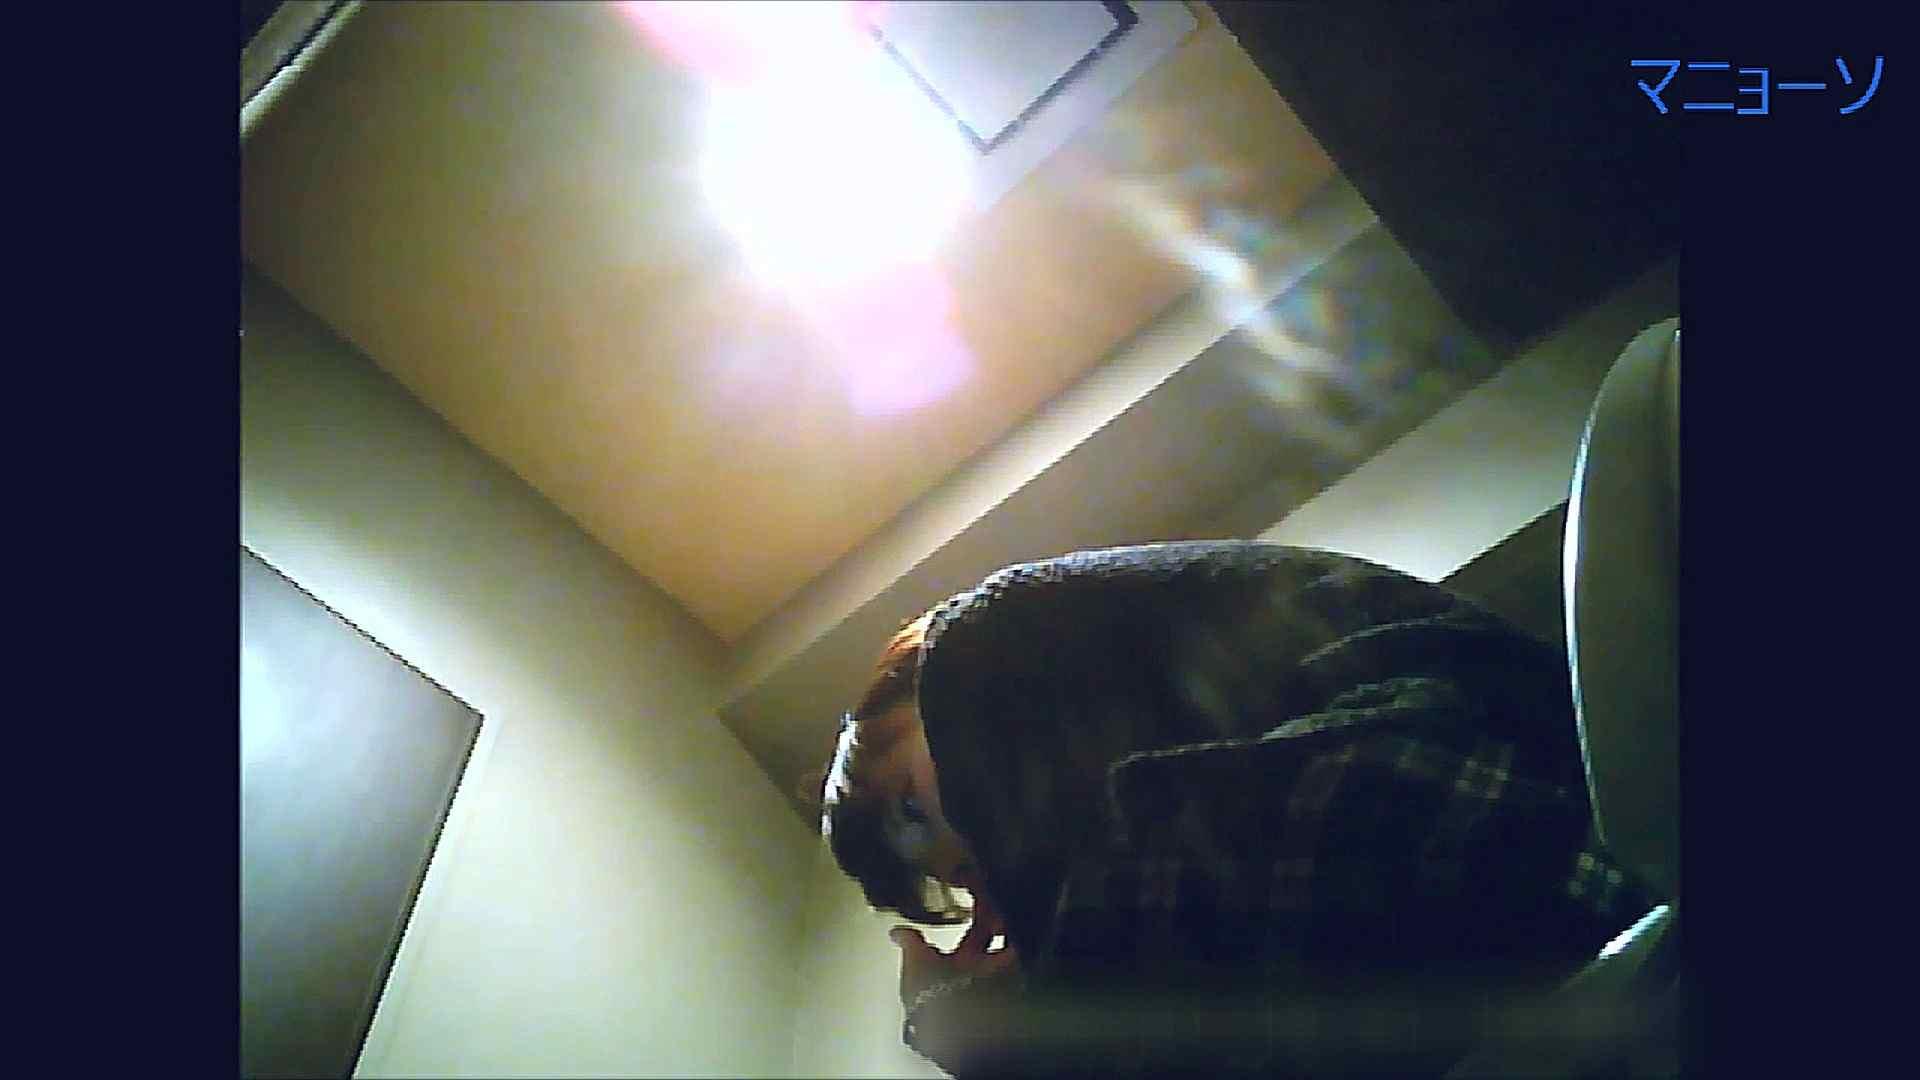 トイレでひと肌脱いでもらいました (OL編)Vol.13 OLのボディ | トイレの実態  87PIX 9